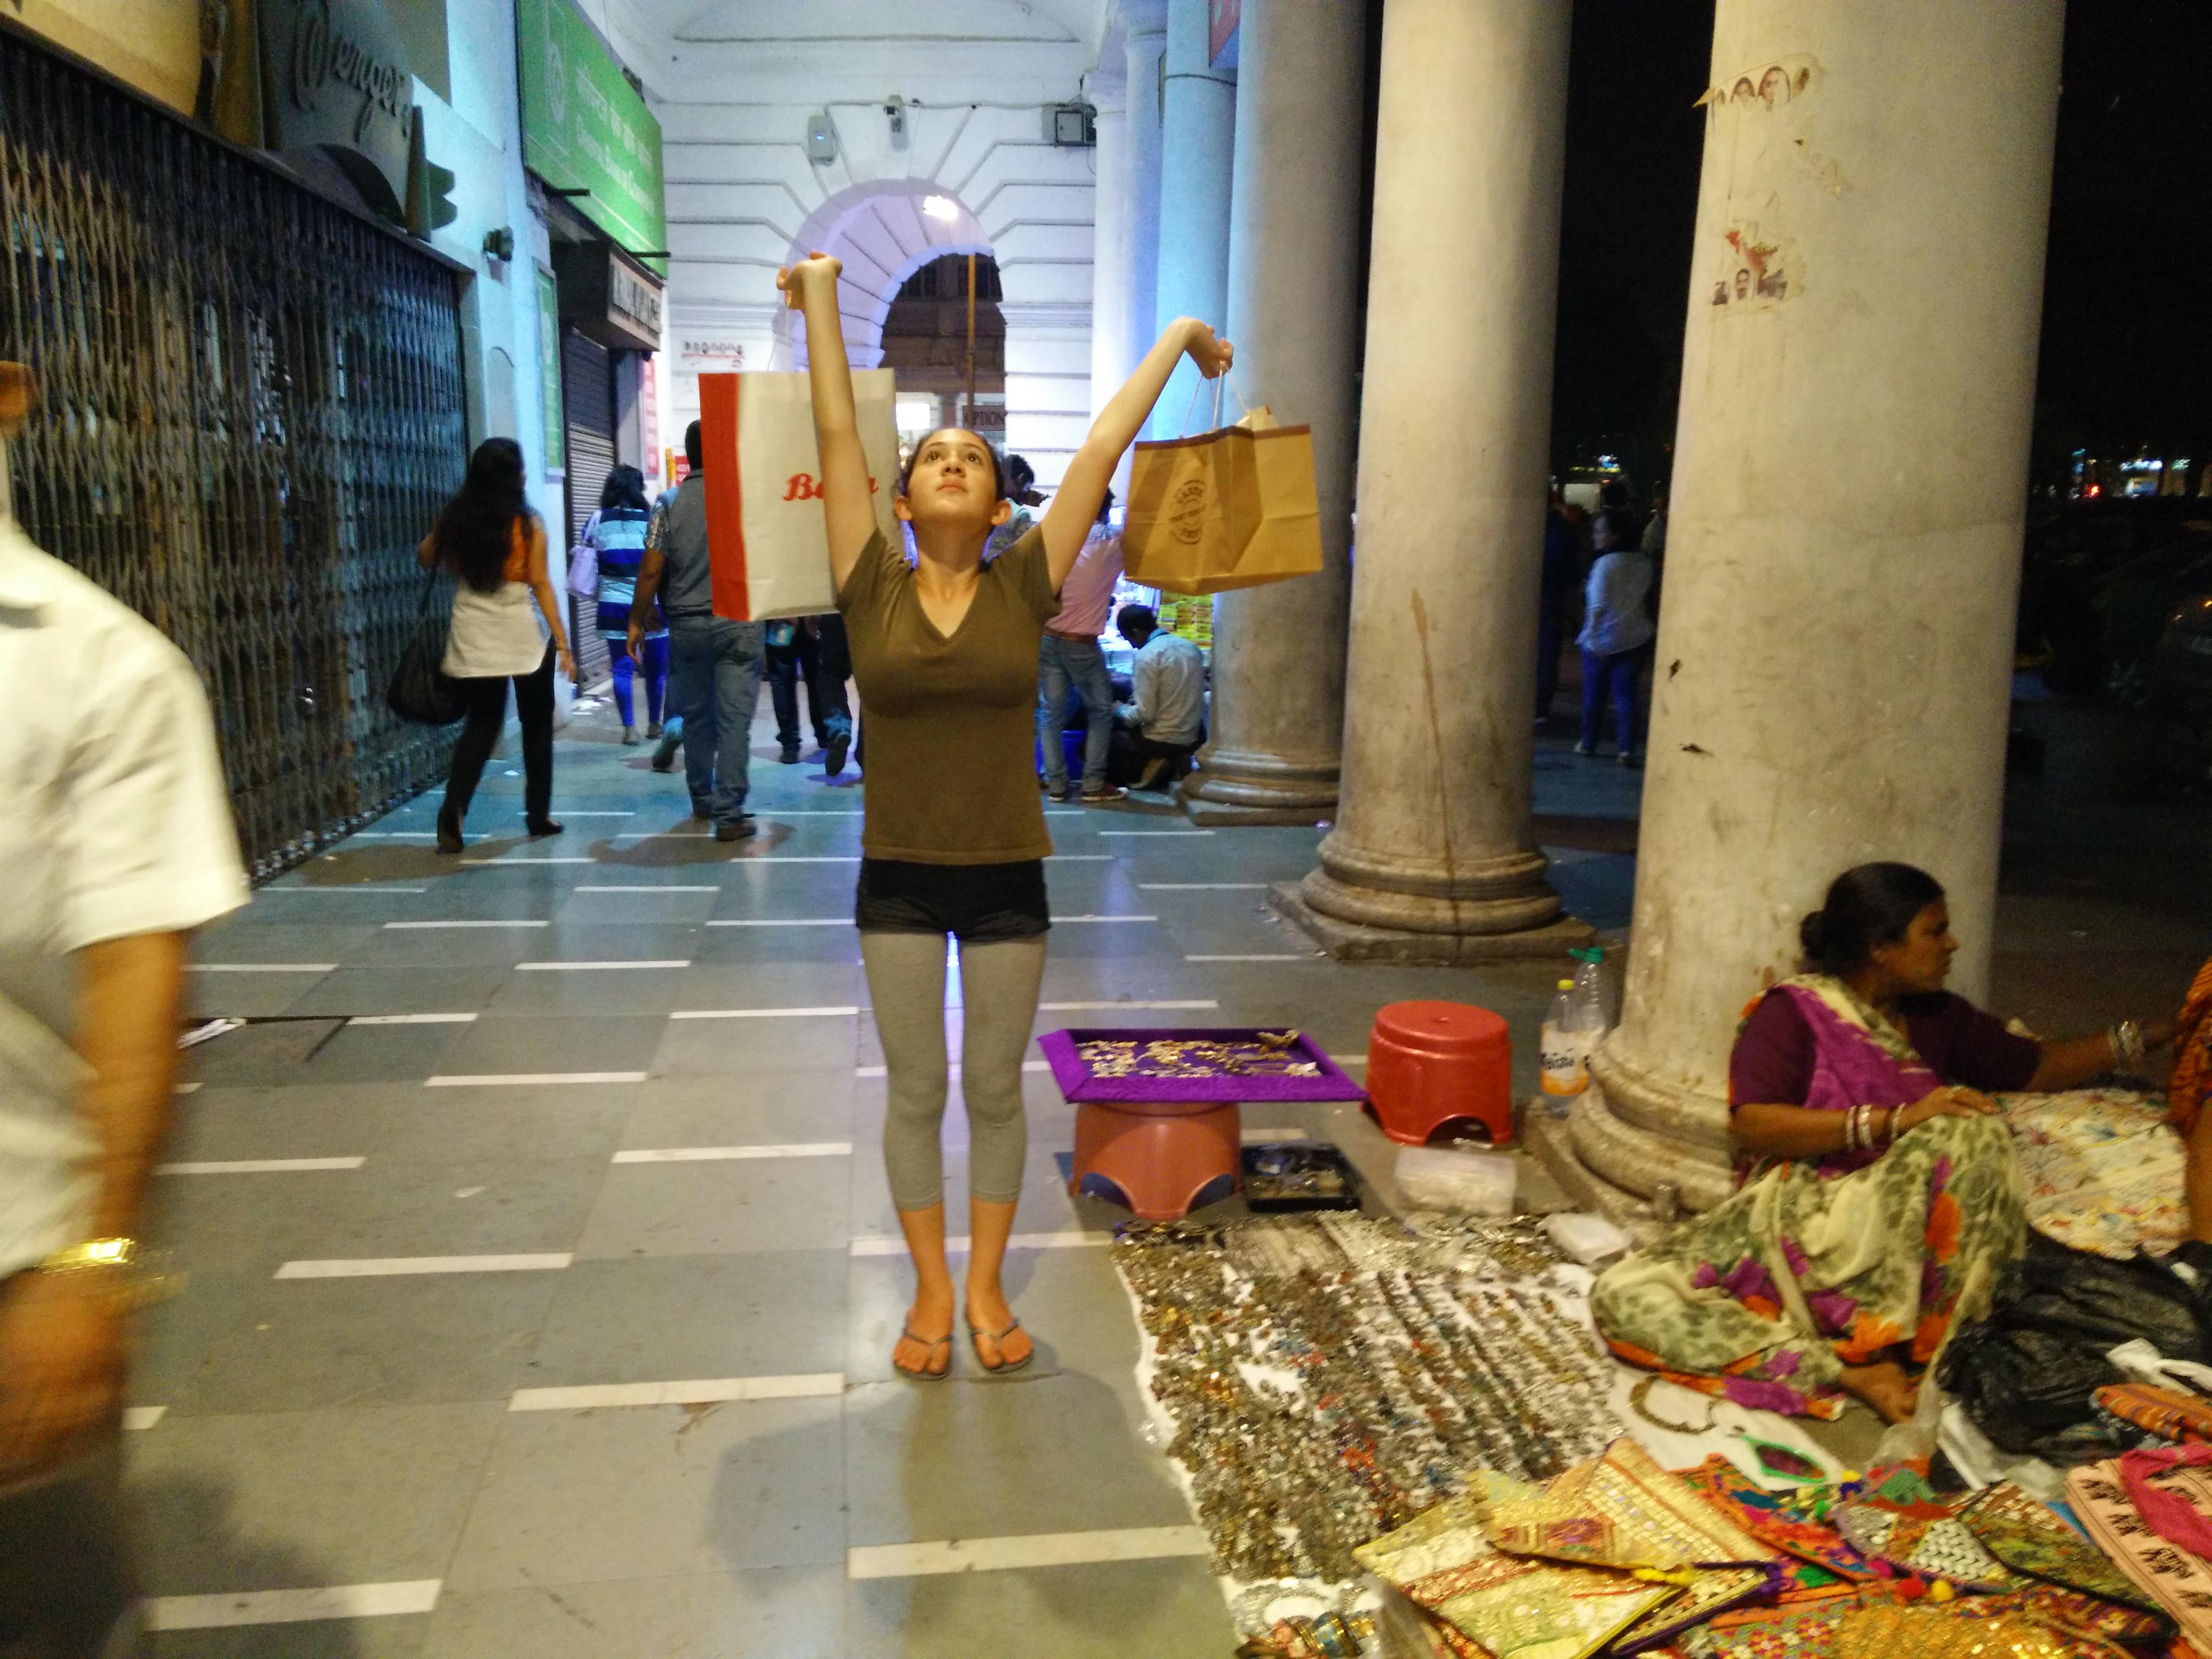 הודו עם ילדים, המזרח עם ילדים, דלהי עם ילדים, india with kids, delhi with kids